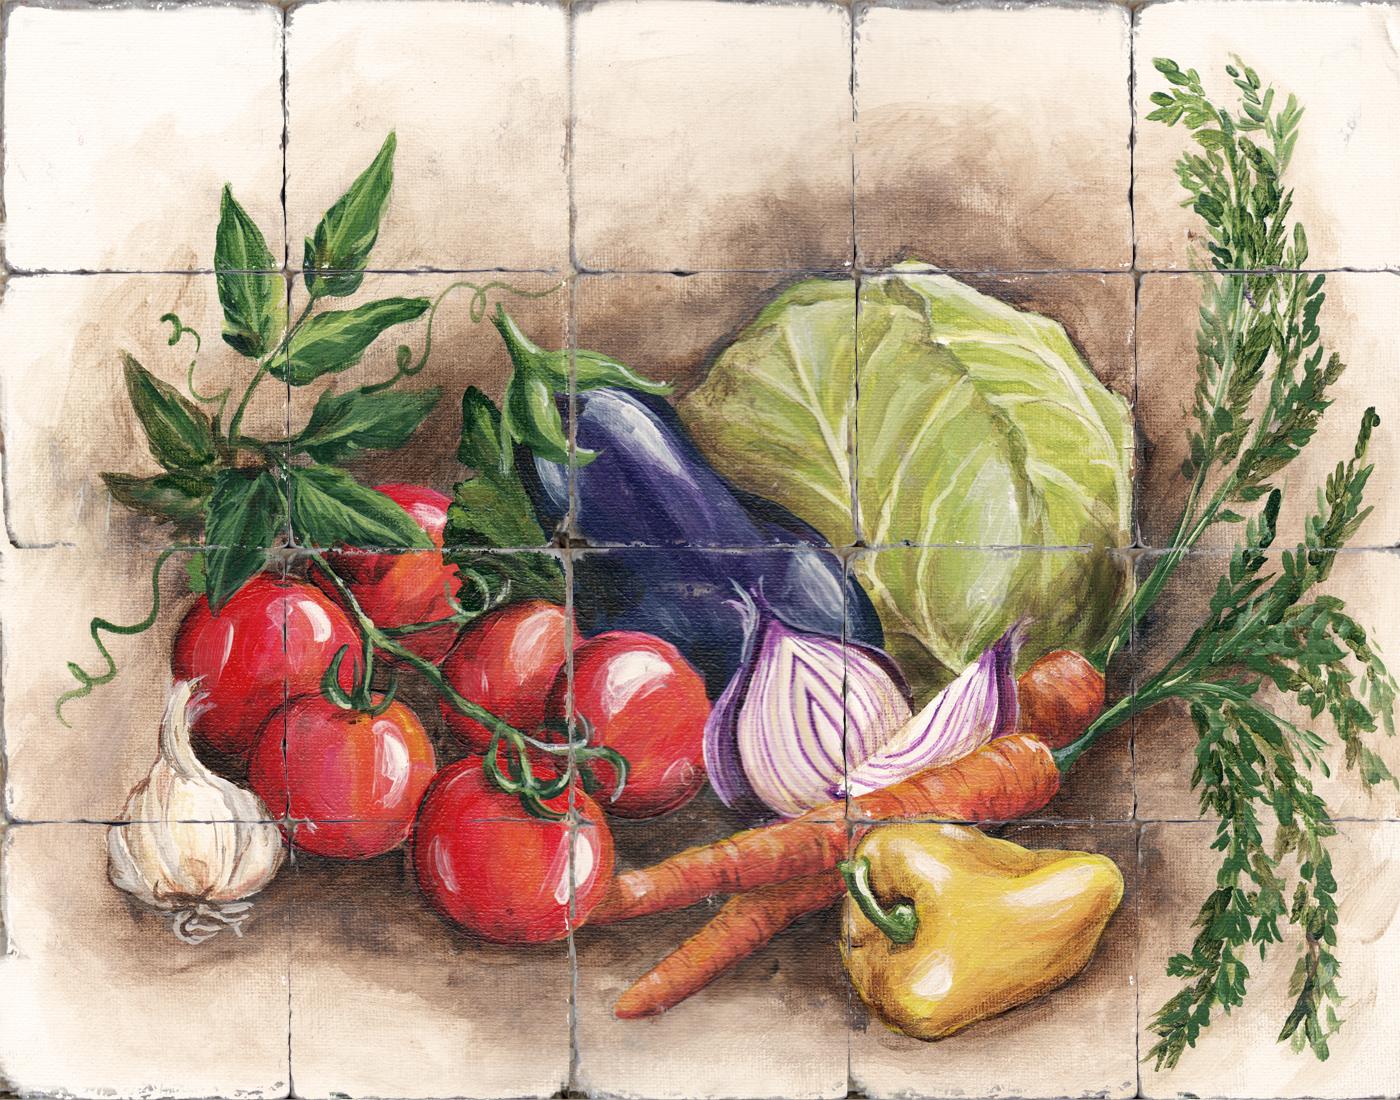 полю картинки овощей и фруктов для декупажа уже несколько